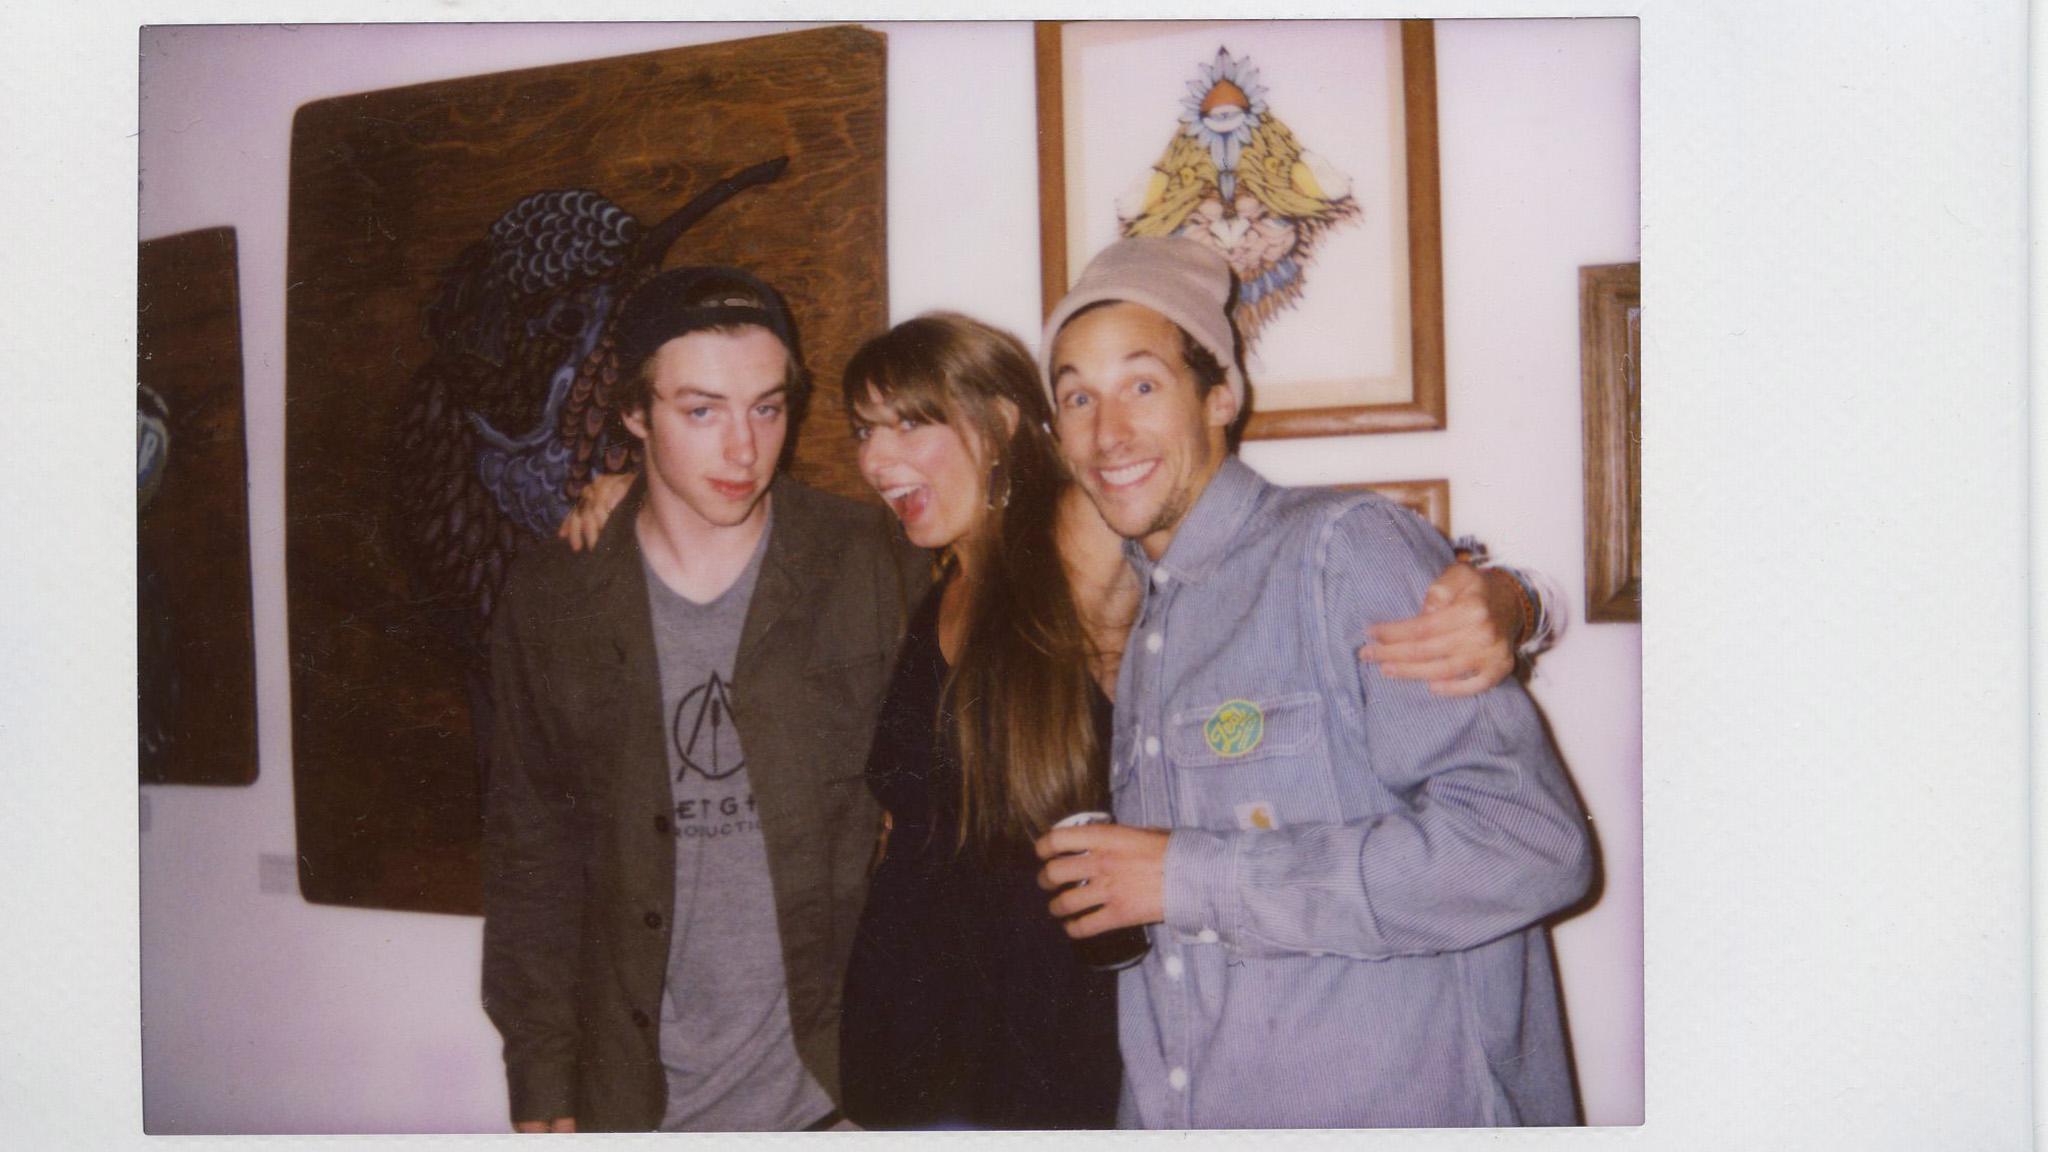 Max Santeusanio, Leah Fielding, Whit Boucher